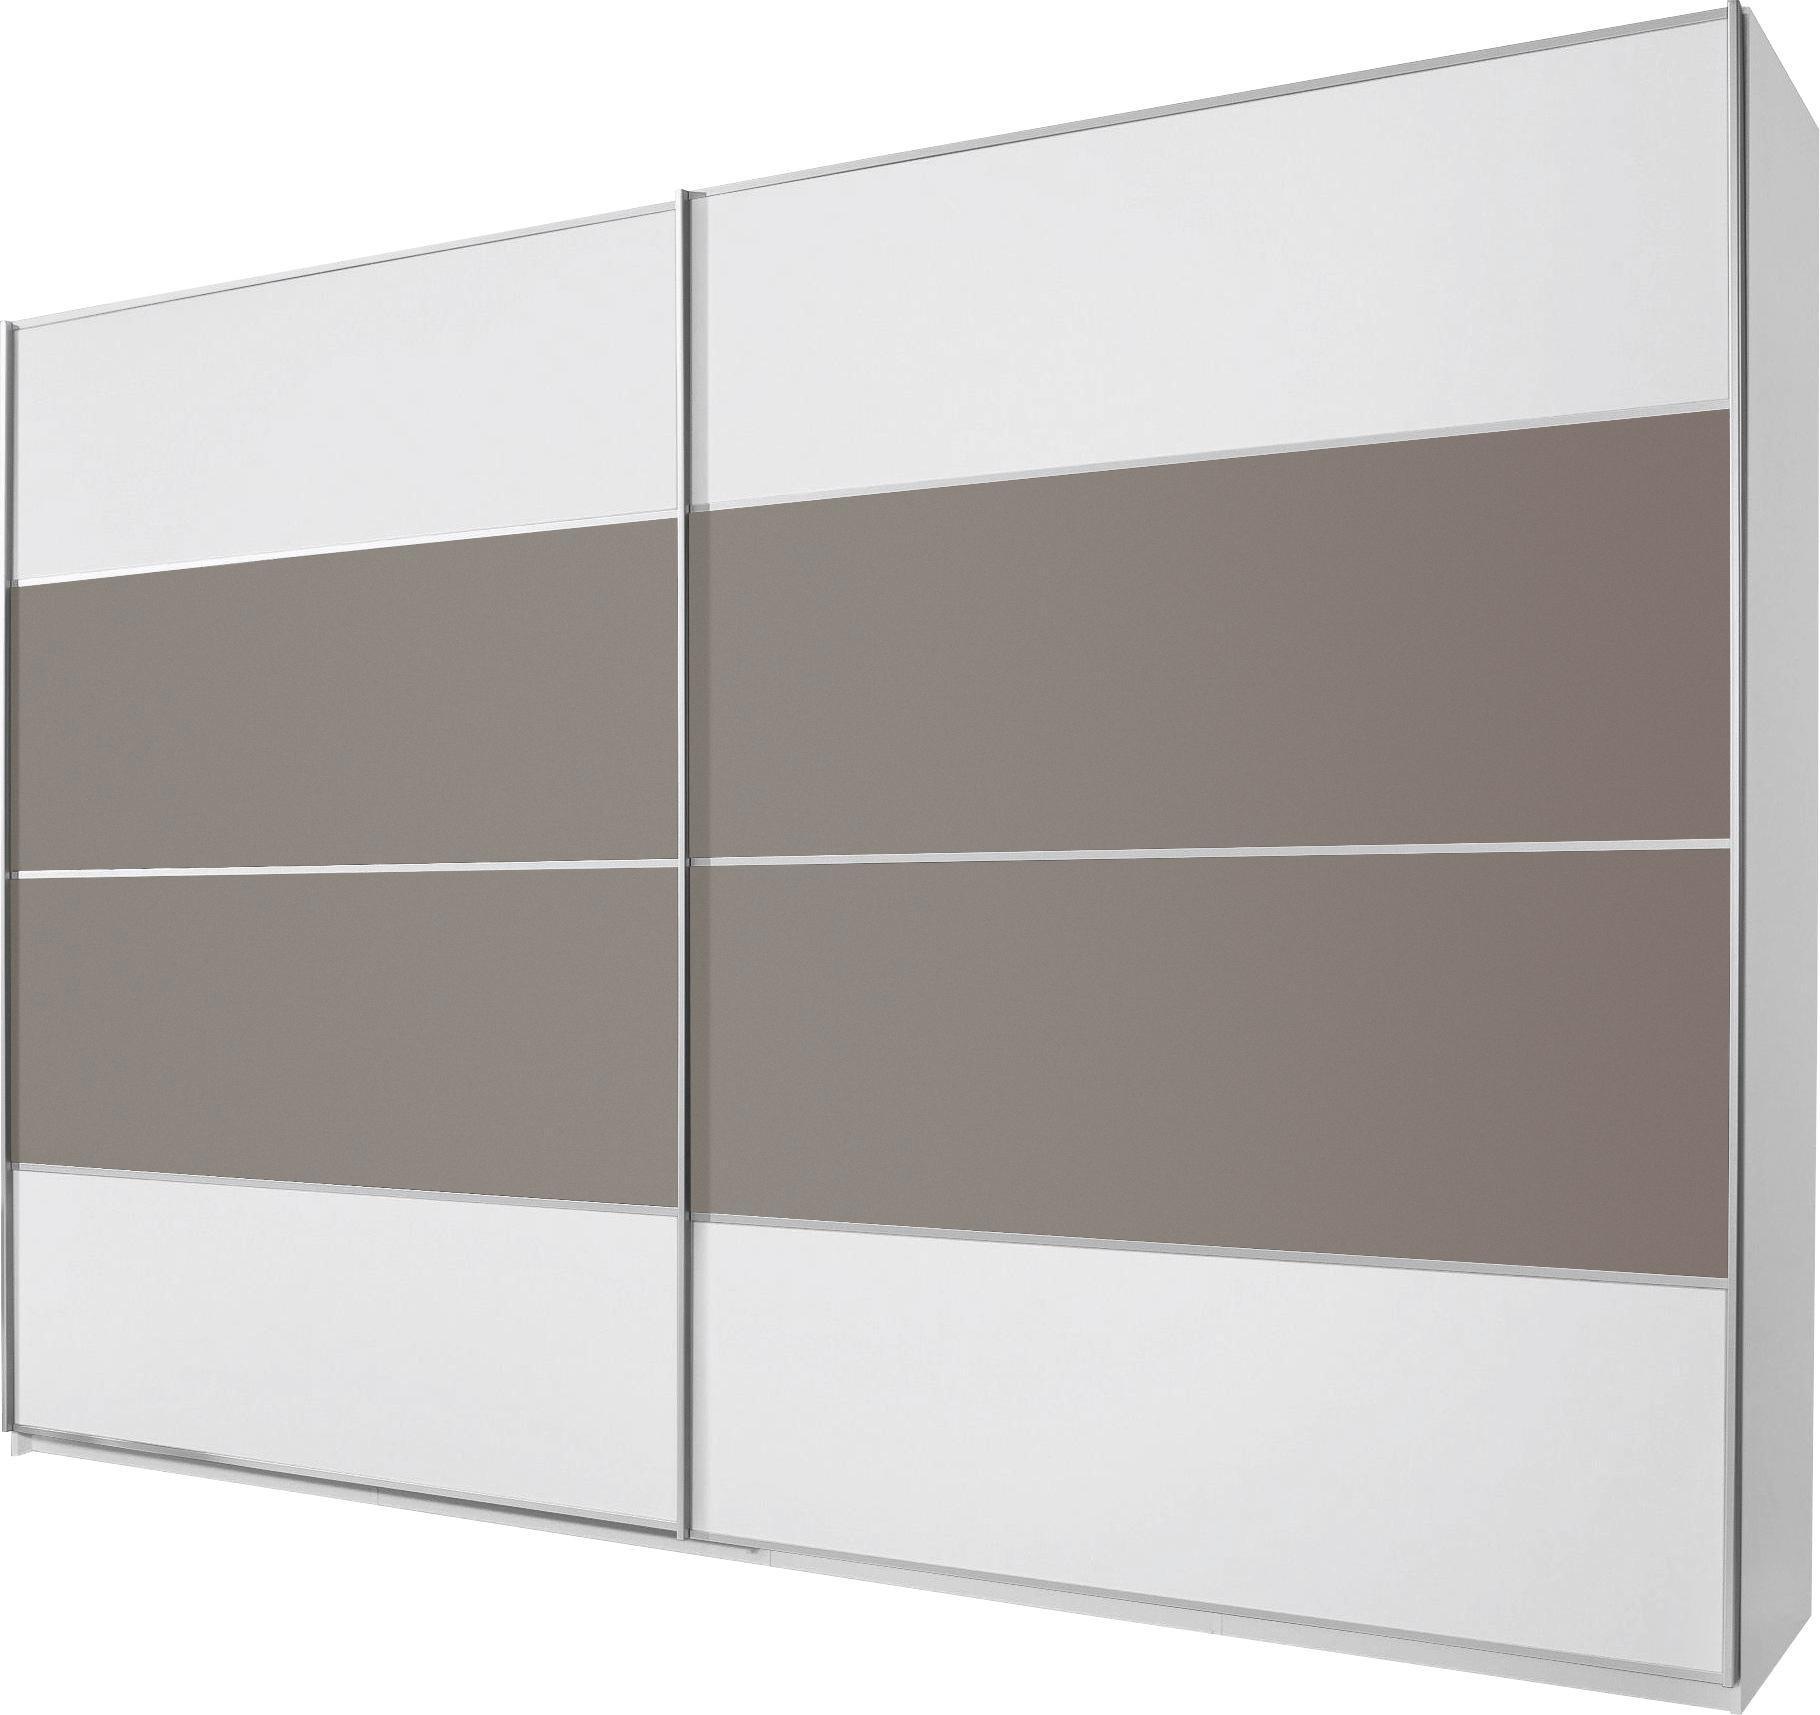 SCHWEBETÜRENSCHRANK 2  -türig Braun, Grau, Weiß - Alufarben/Braun, Design, Glas/Holzwerkstoff (359/223/69cm) - CANTUS